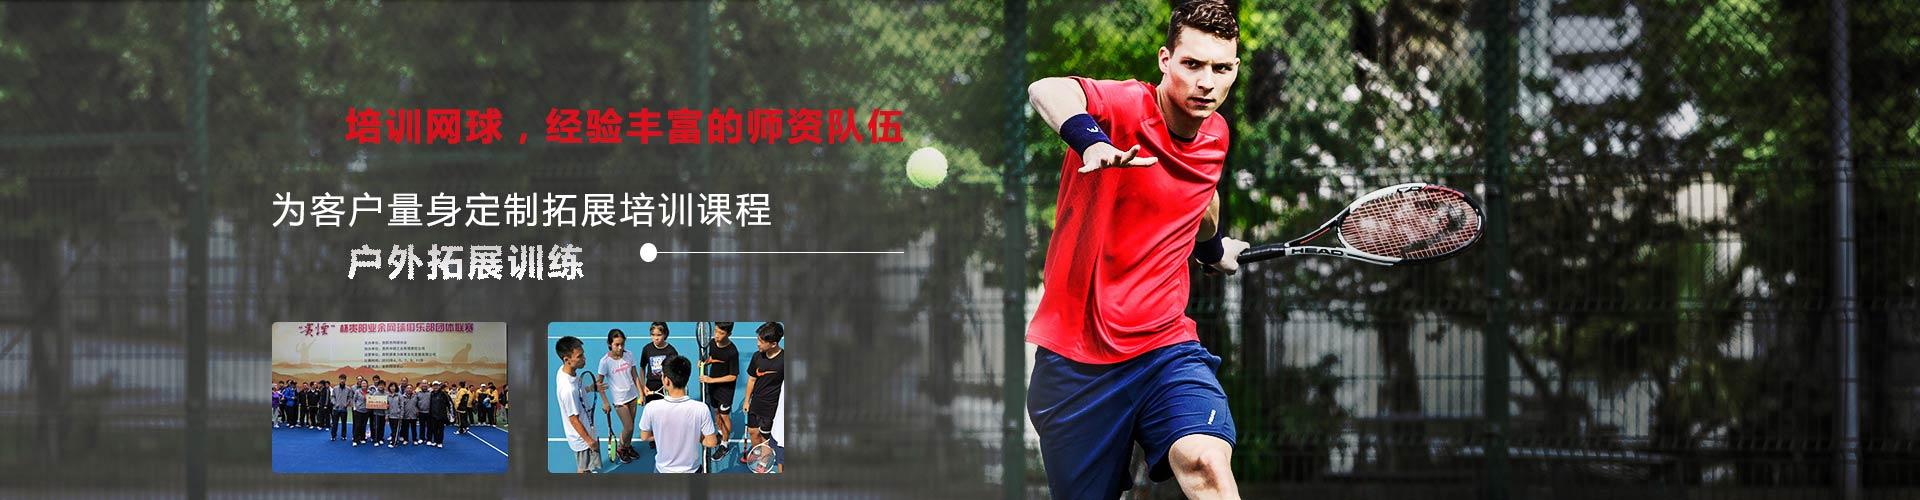 贵州网球培训